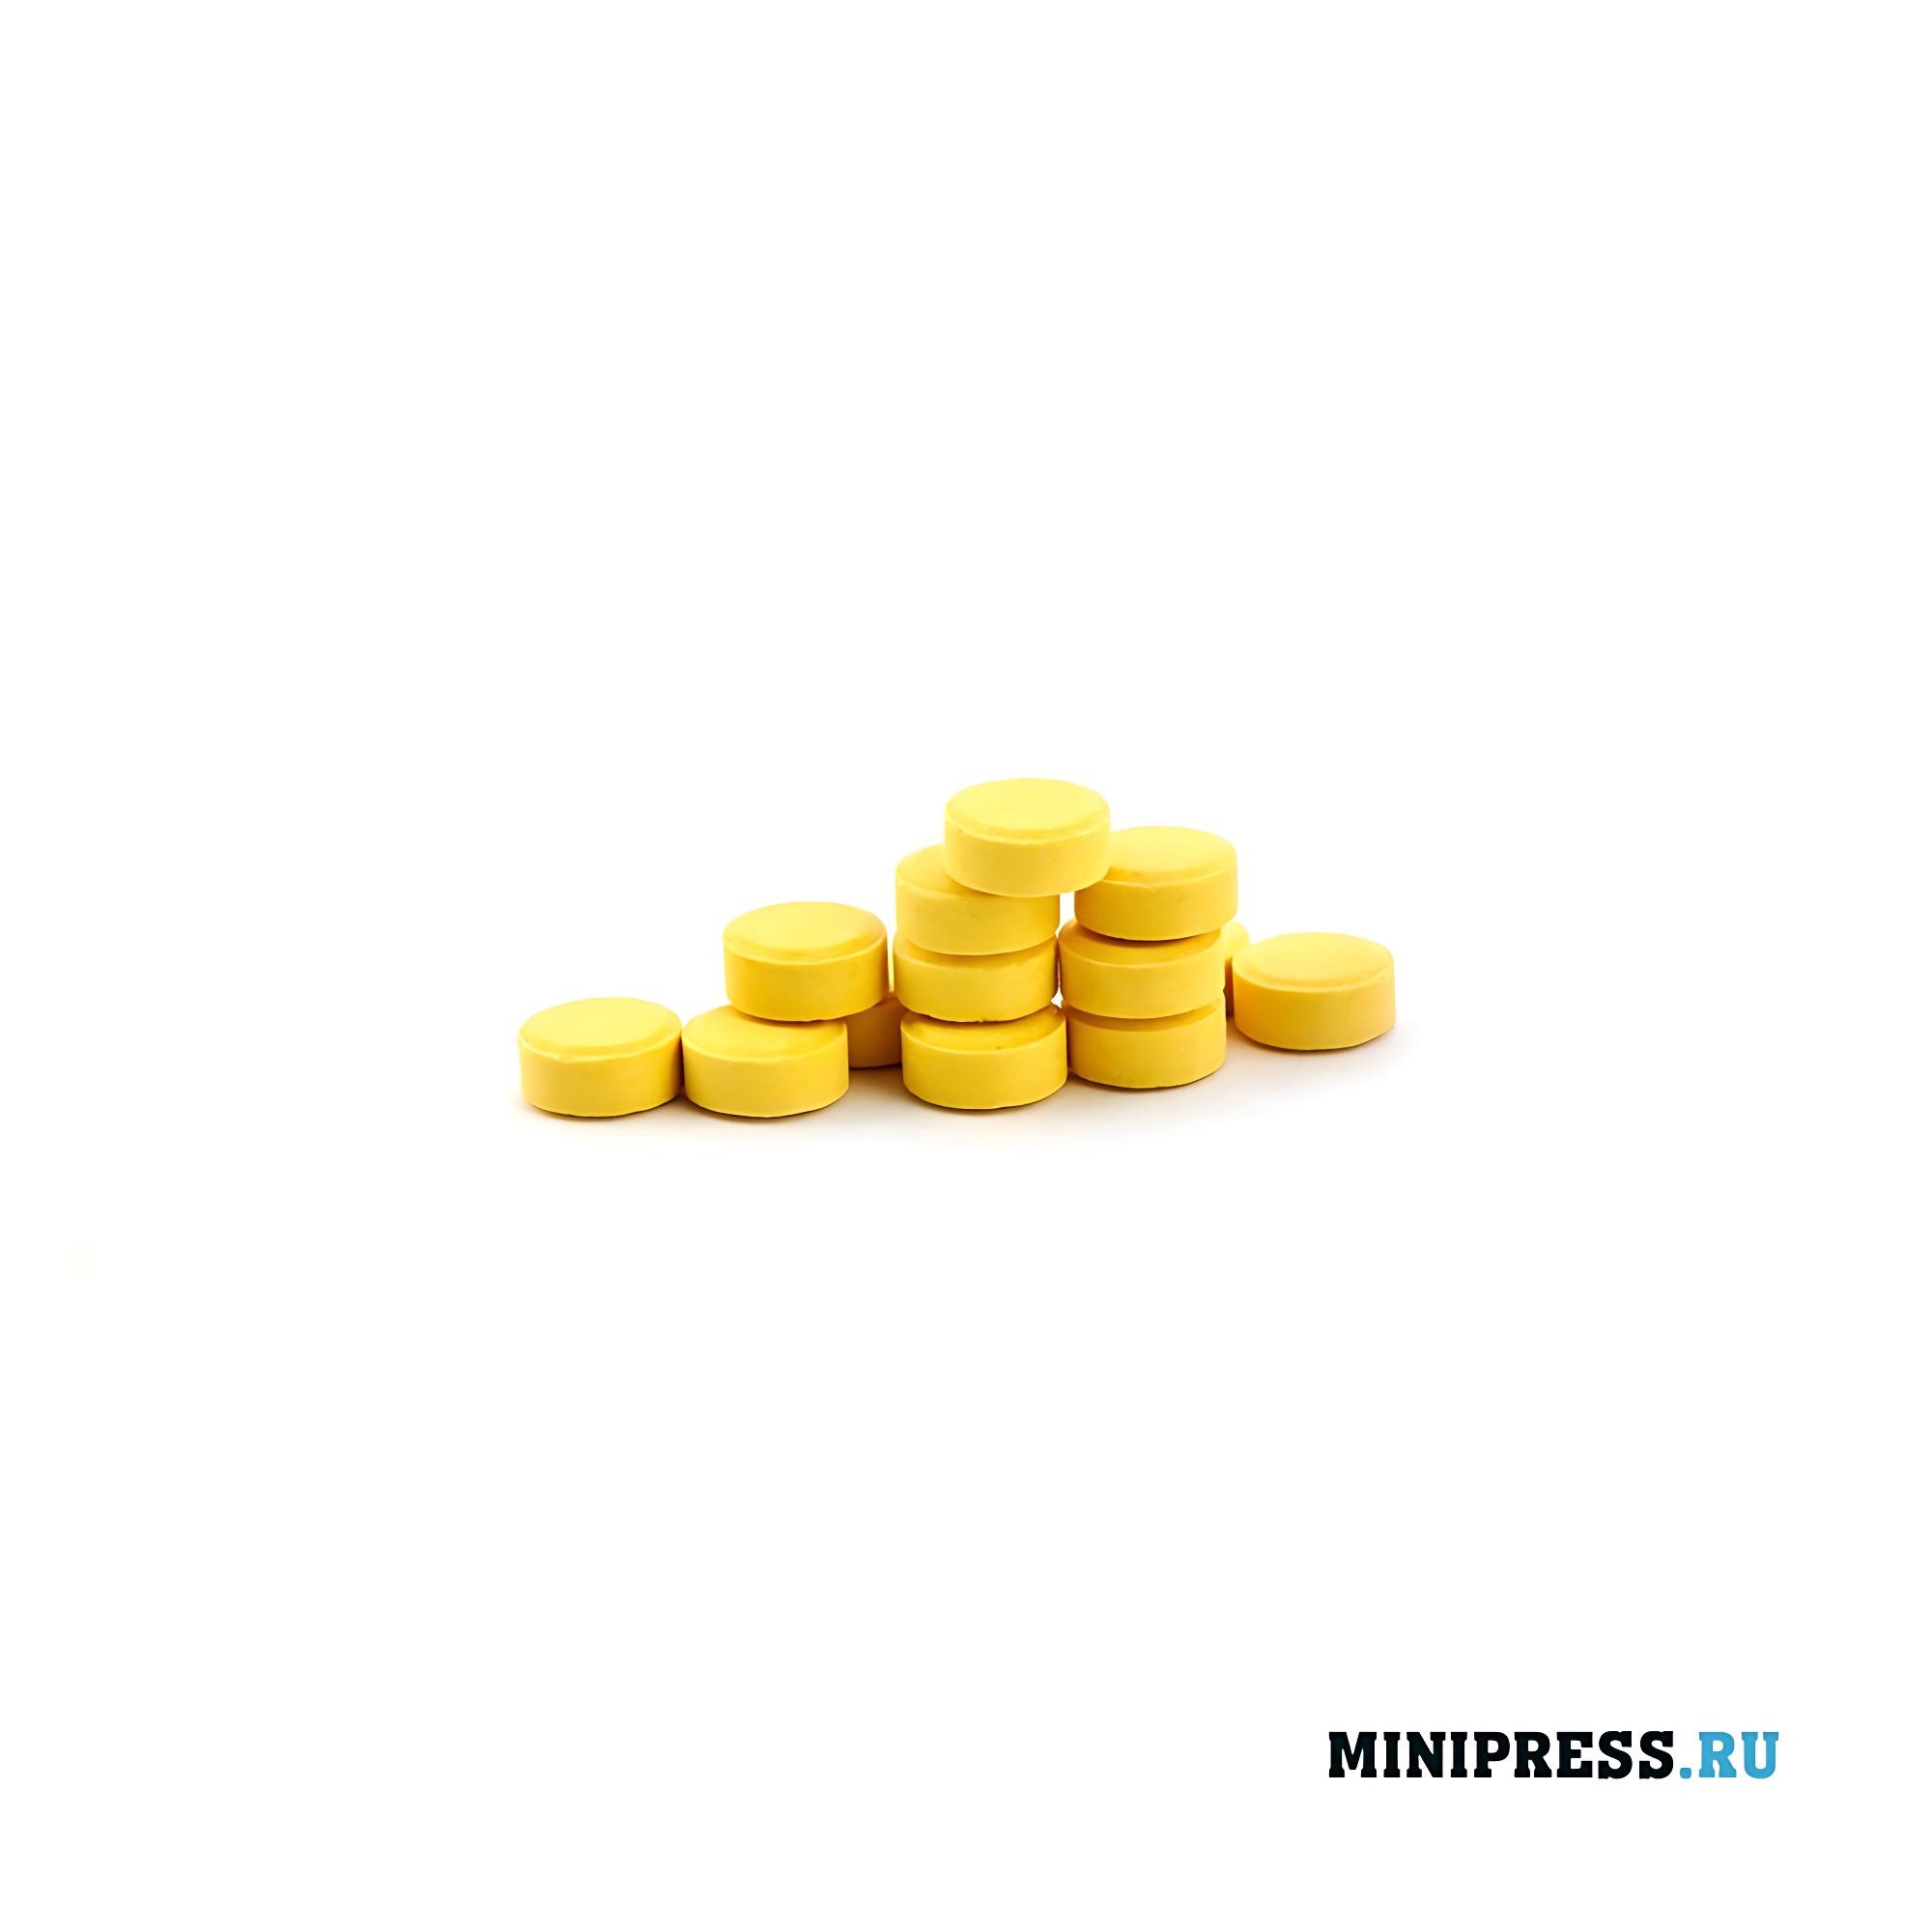 Прессованные гранулы в таблетках